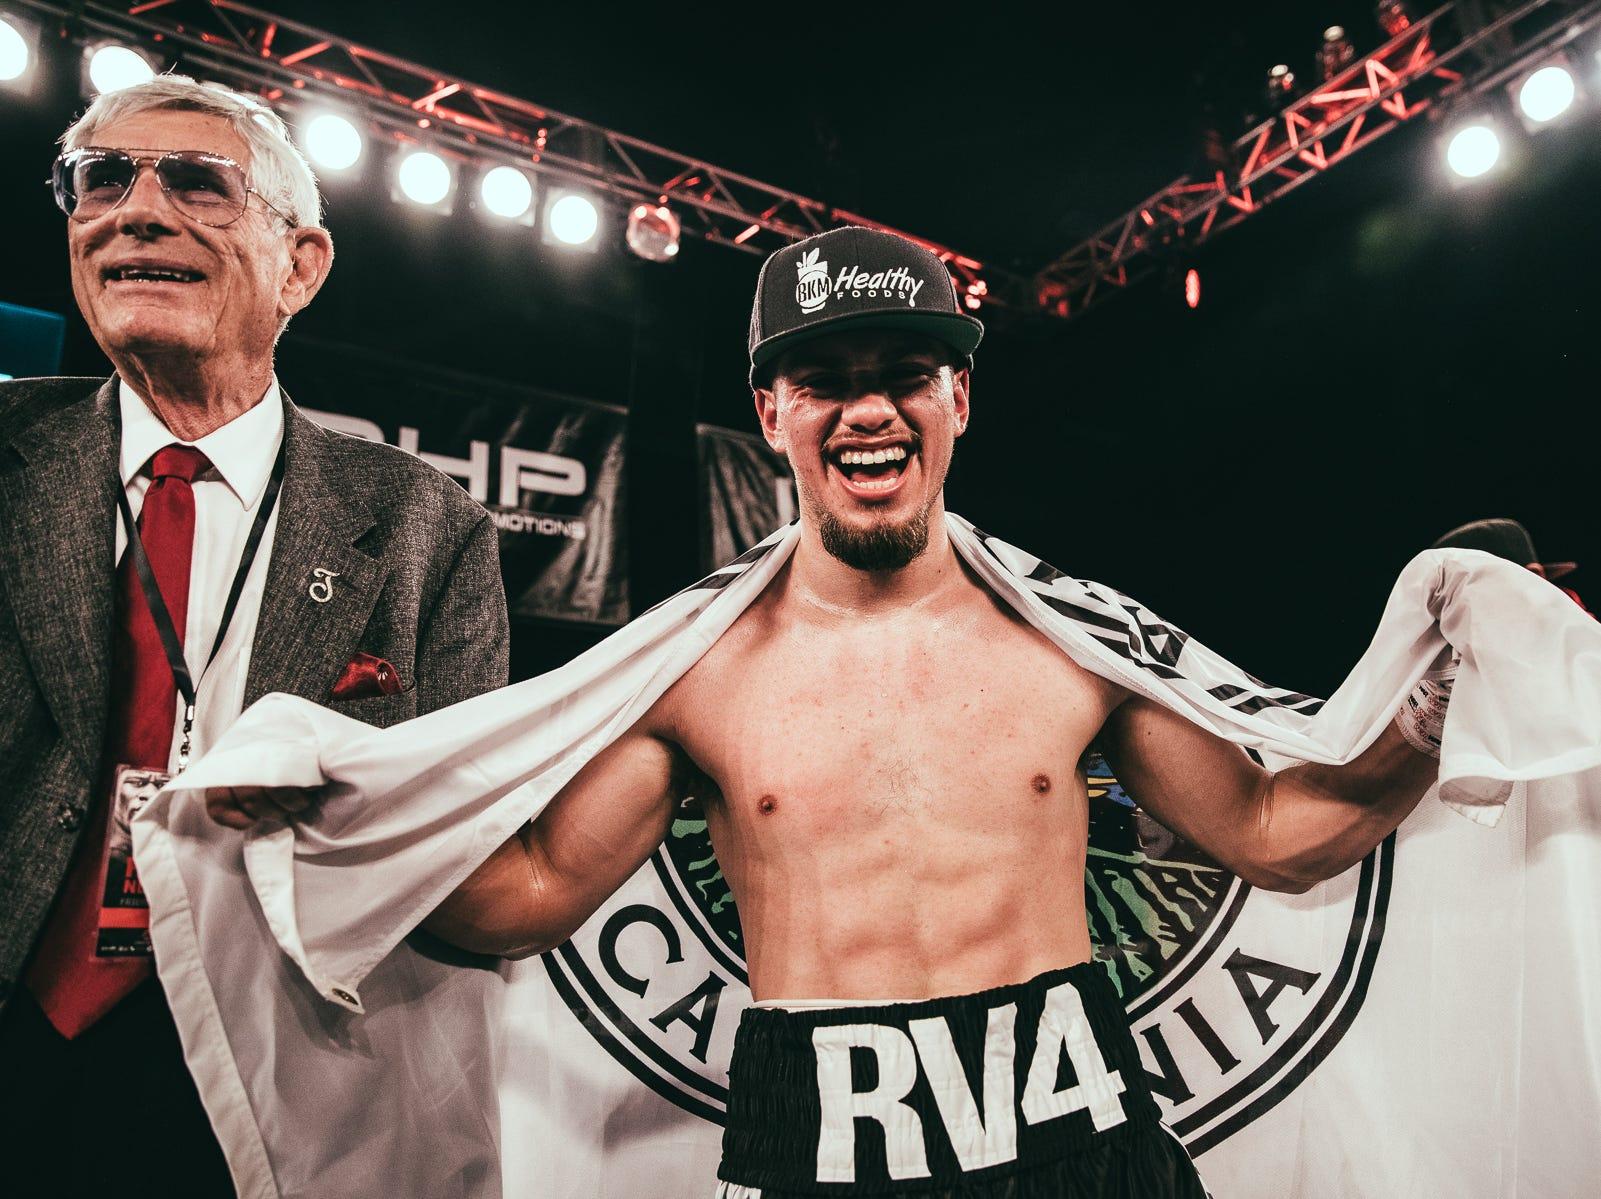 El campeón de boxeo de Salinas, Rubén Villa, gana su primera pelea en televisión nacional